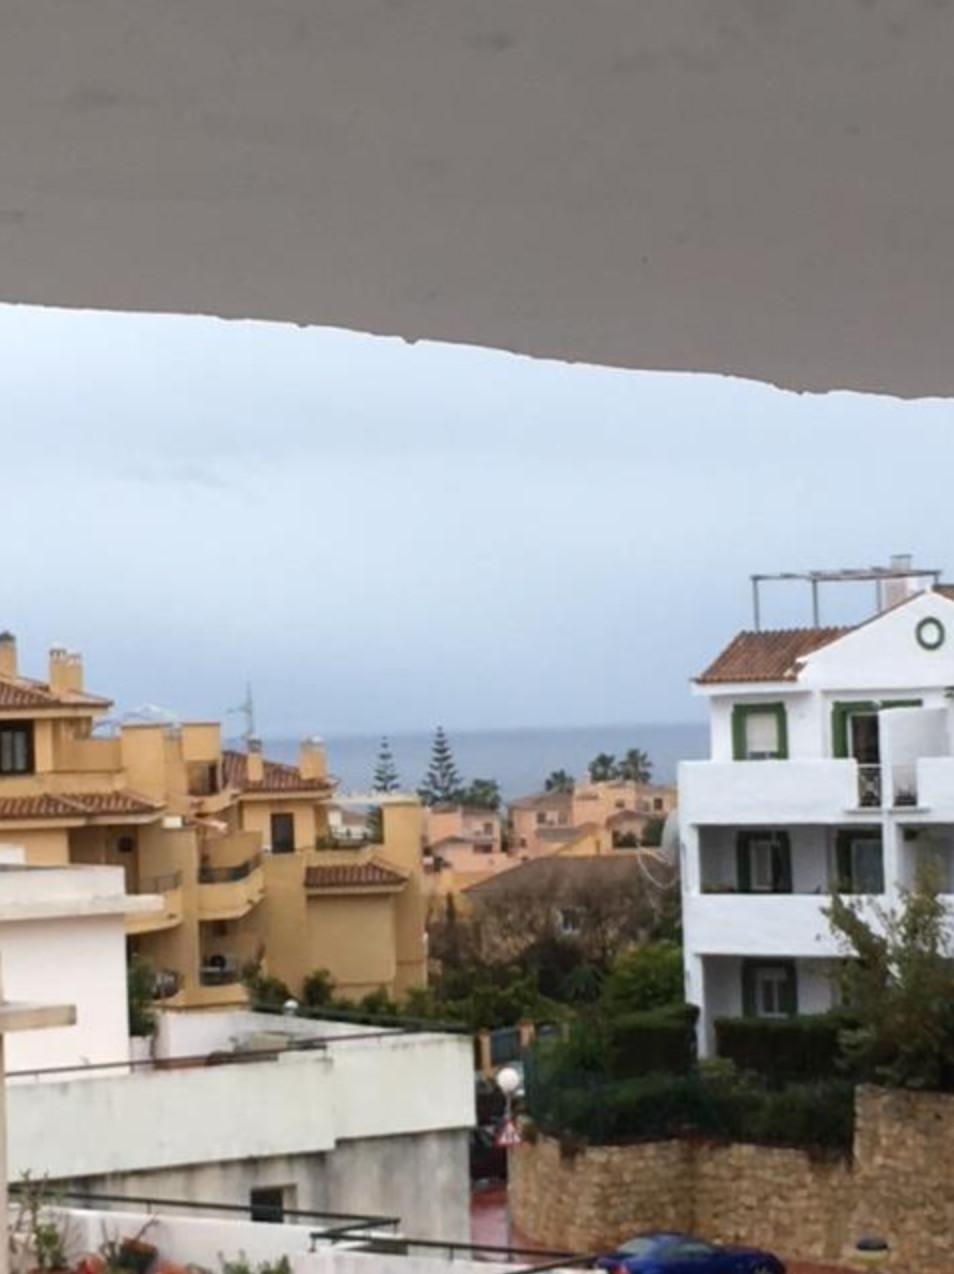 Riviera del Sol Spain